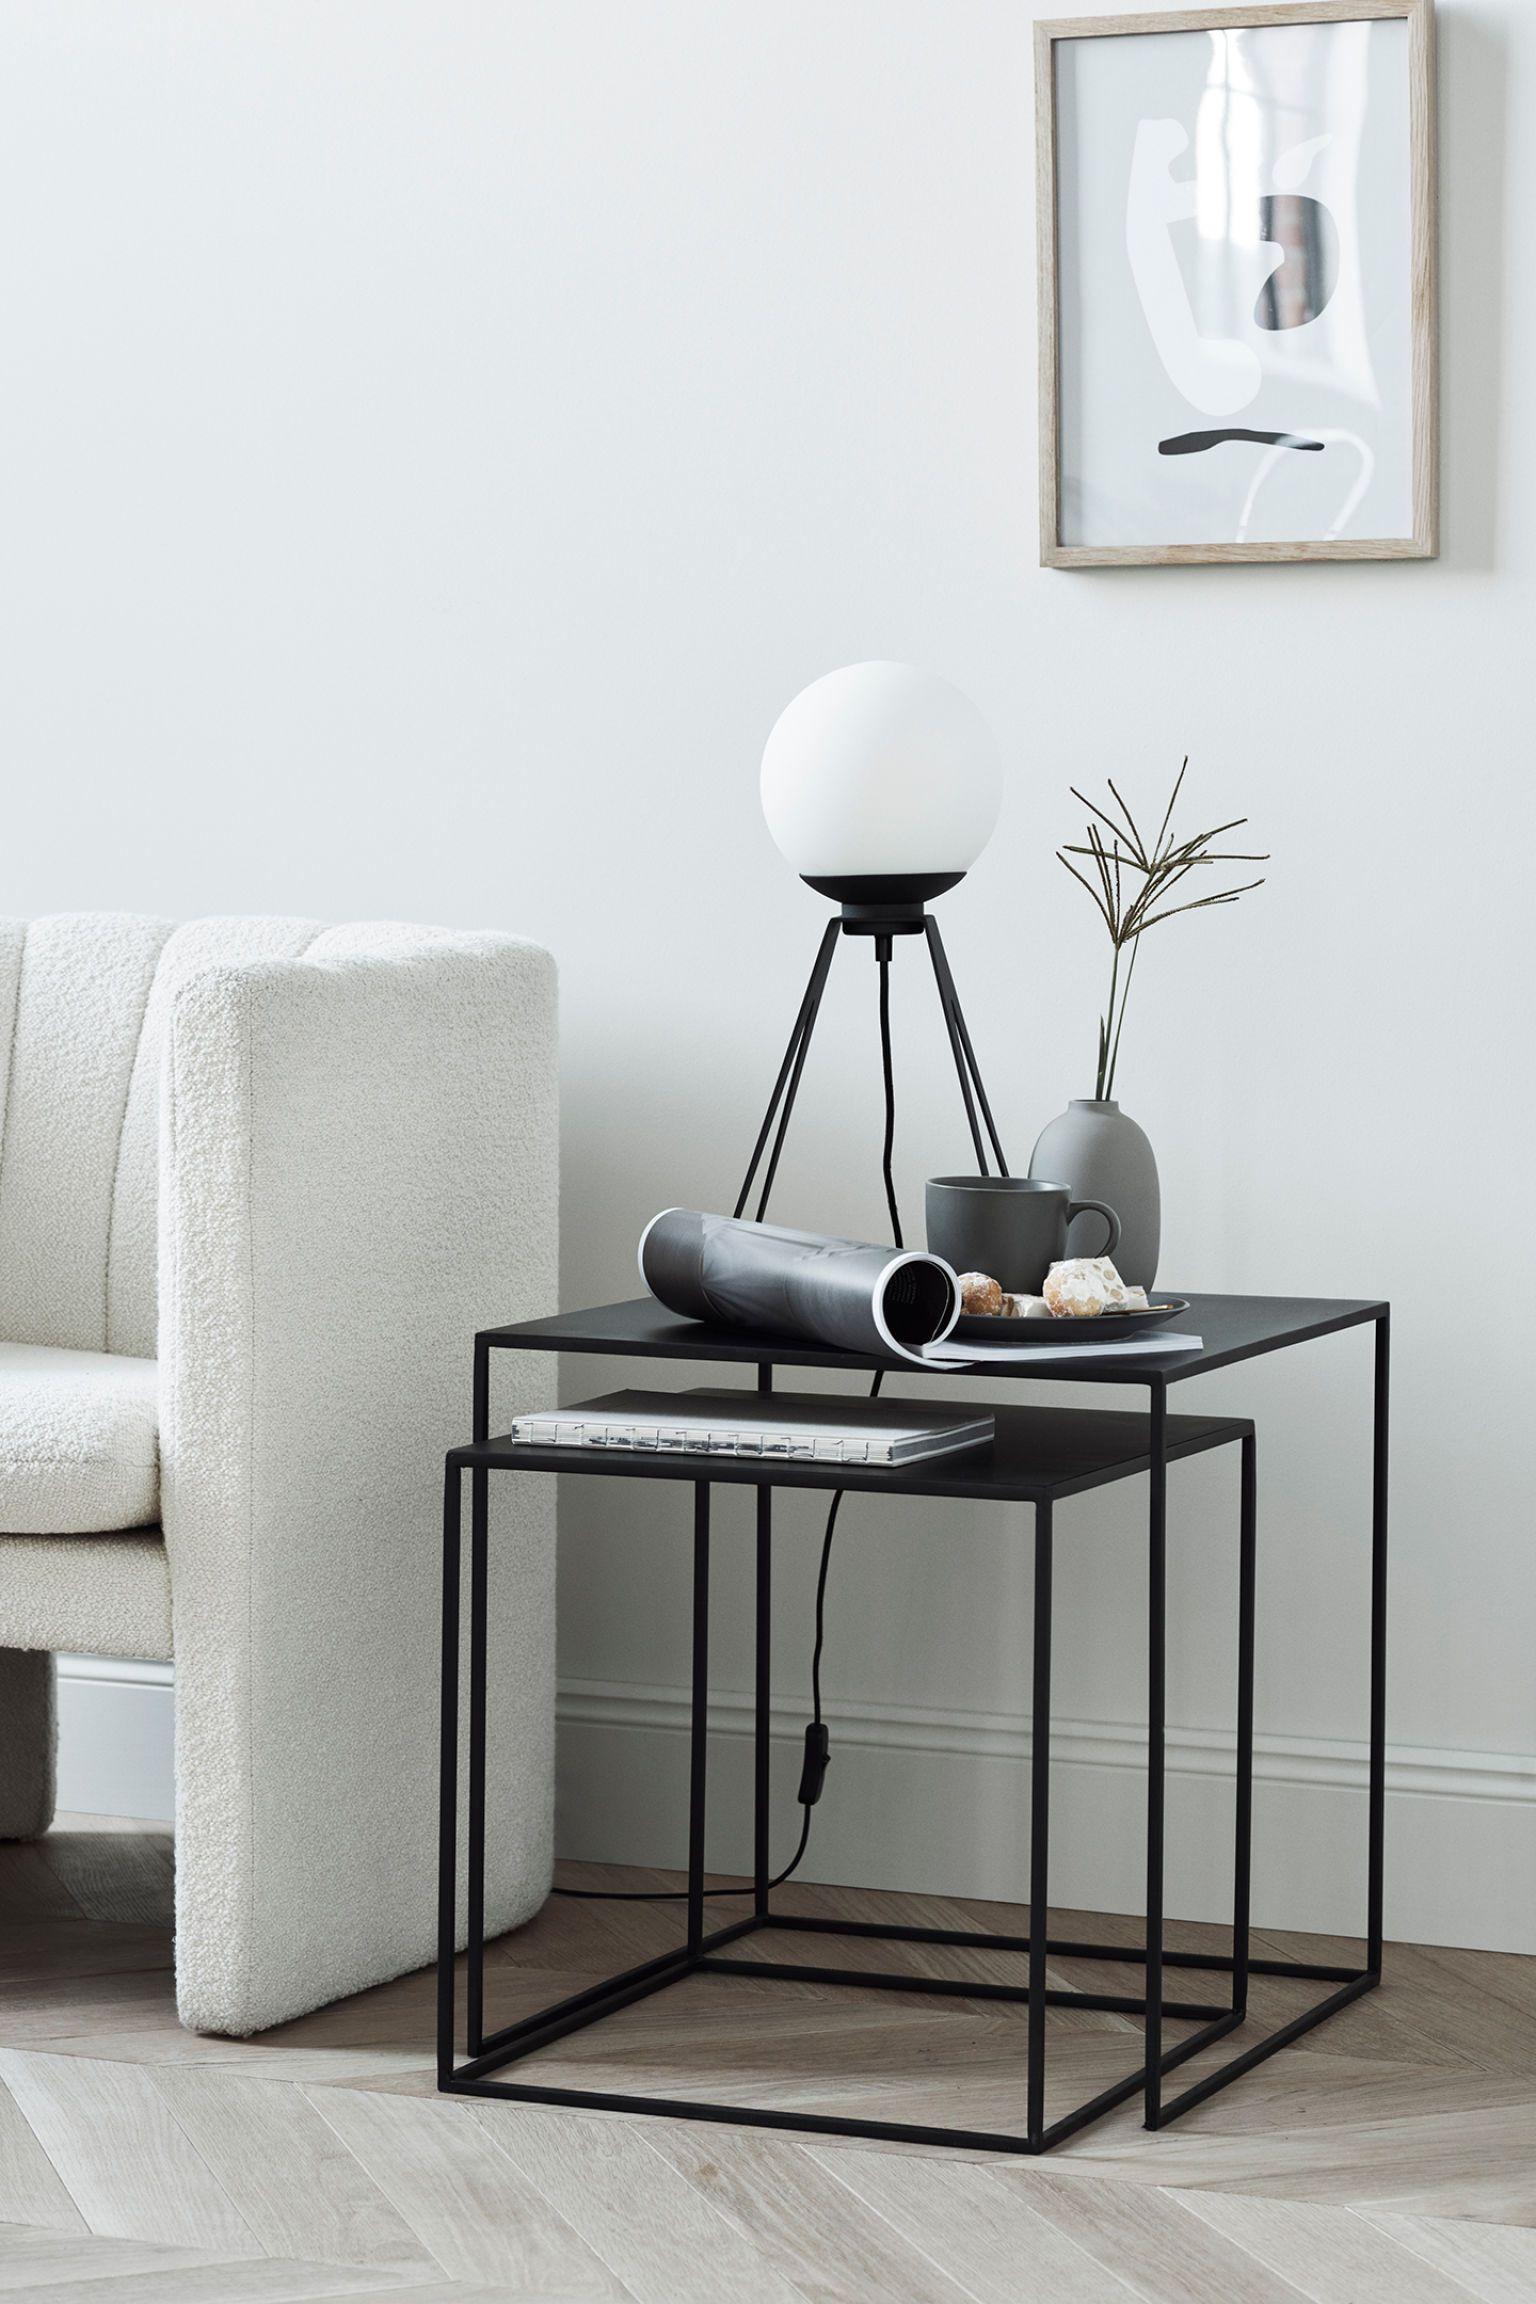 Ijzeren Side Table.Metalen Bijzettafels In 2019 Details Table Decor Living